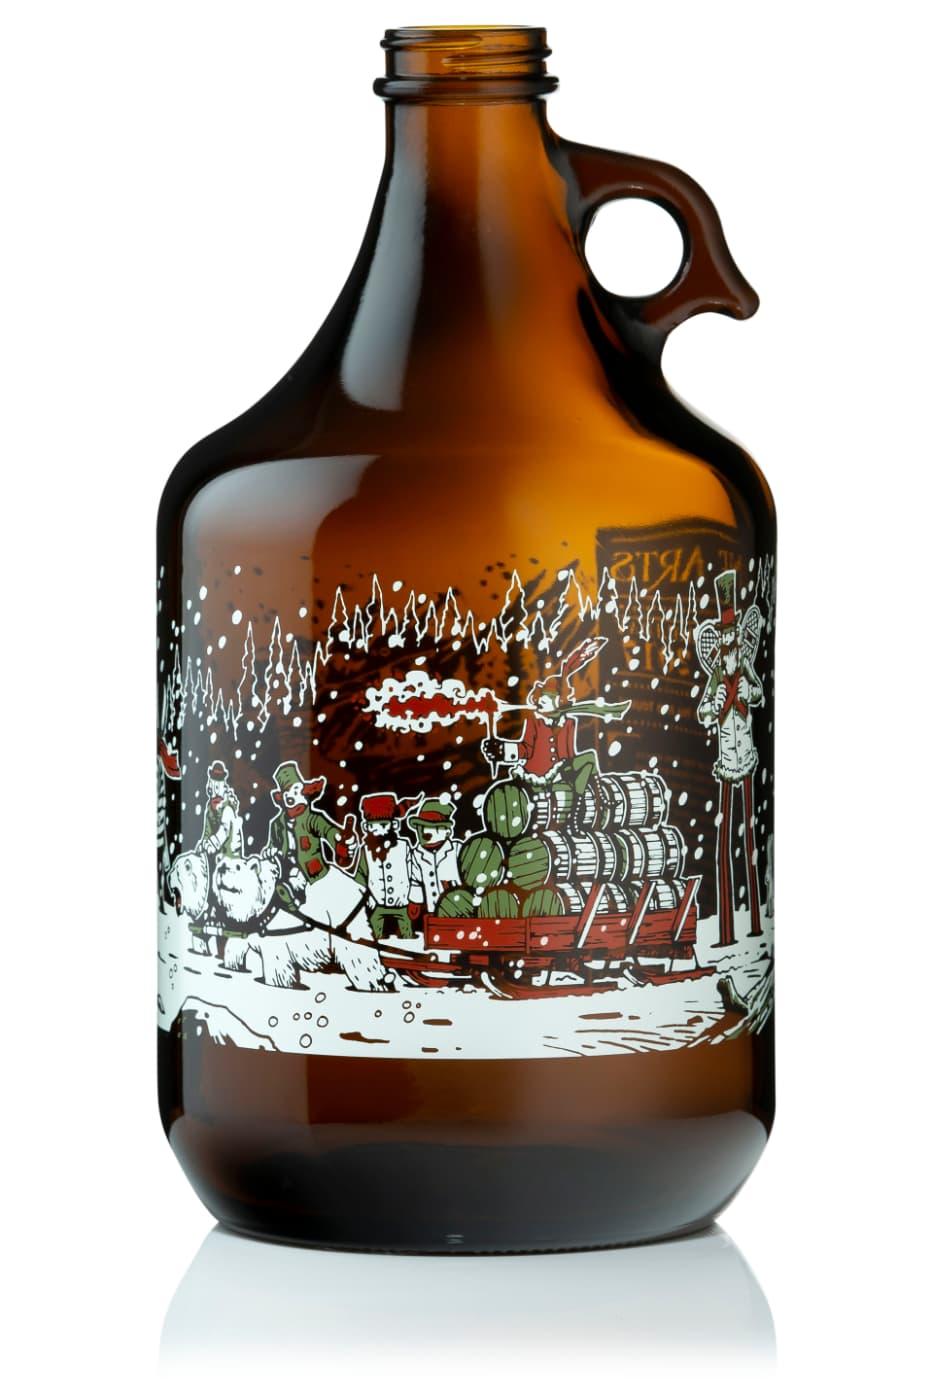 Vine Arts Growler Beer Photo credit Dieter Kühl - dk@dk-foto.at